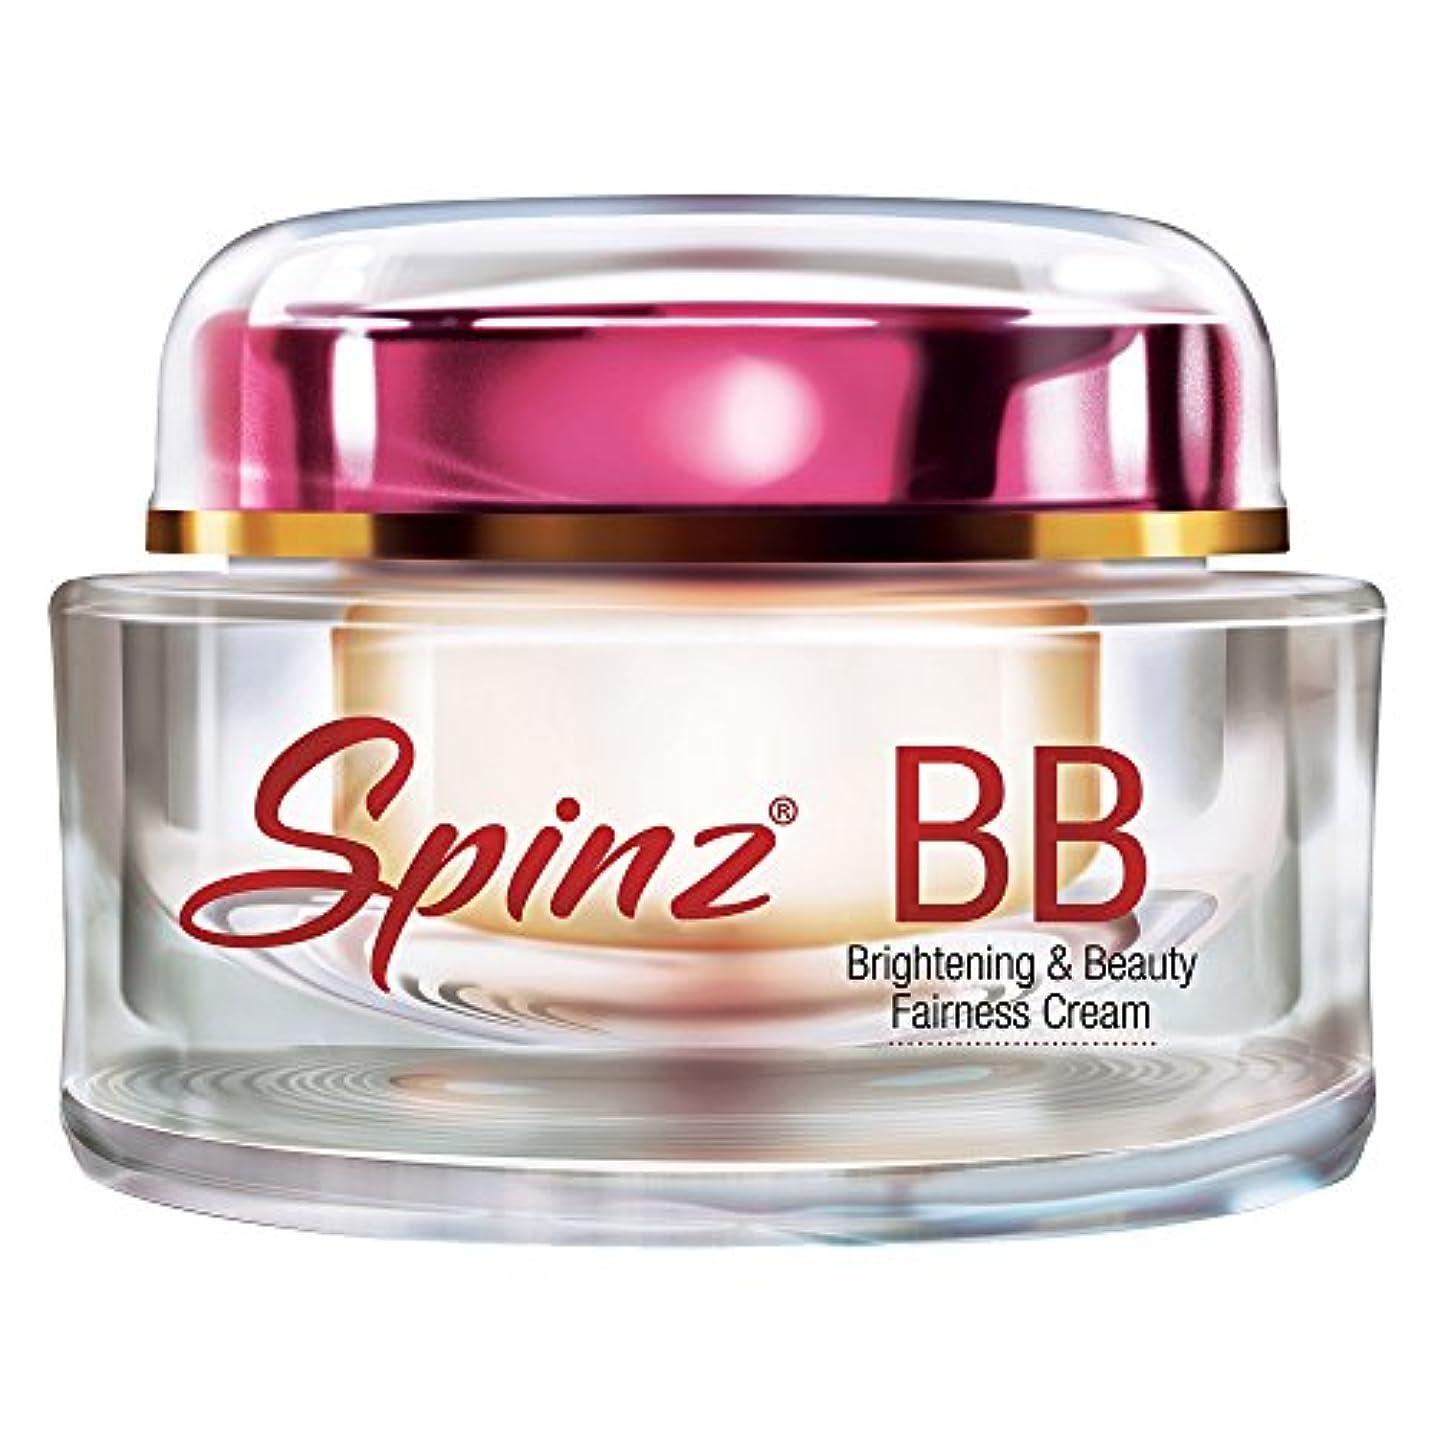 ベール治すオーストラリアSpinz BB Fairness Cream, 50gm